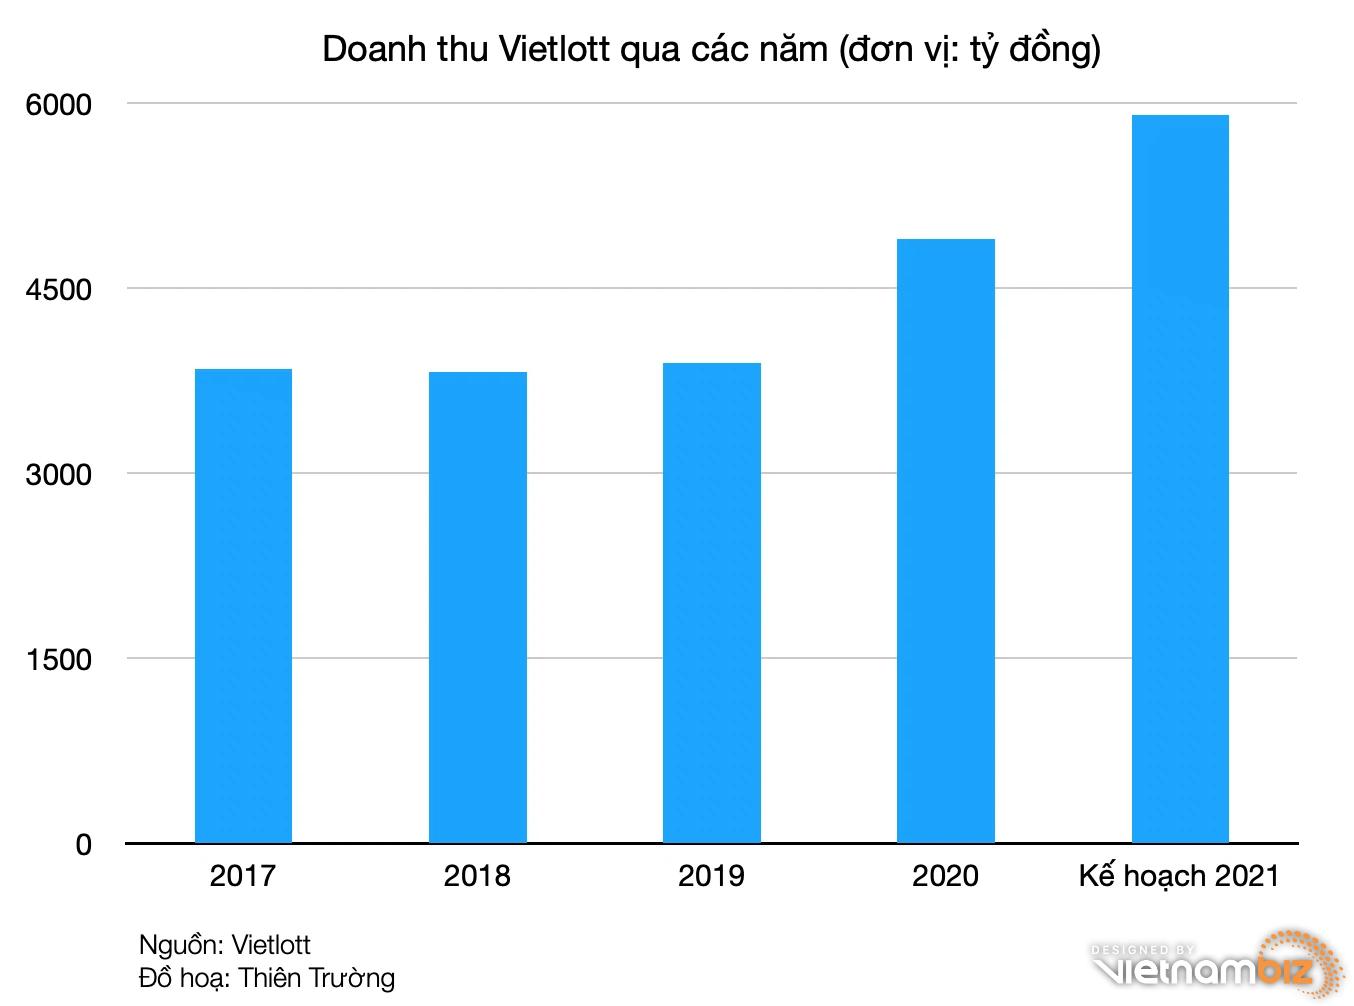 Việt Nam có 240 tỷ phú Vietlott sau 5 năm - Ảnh 2.